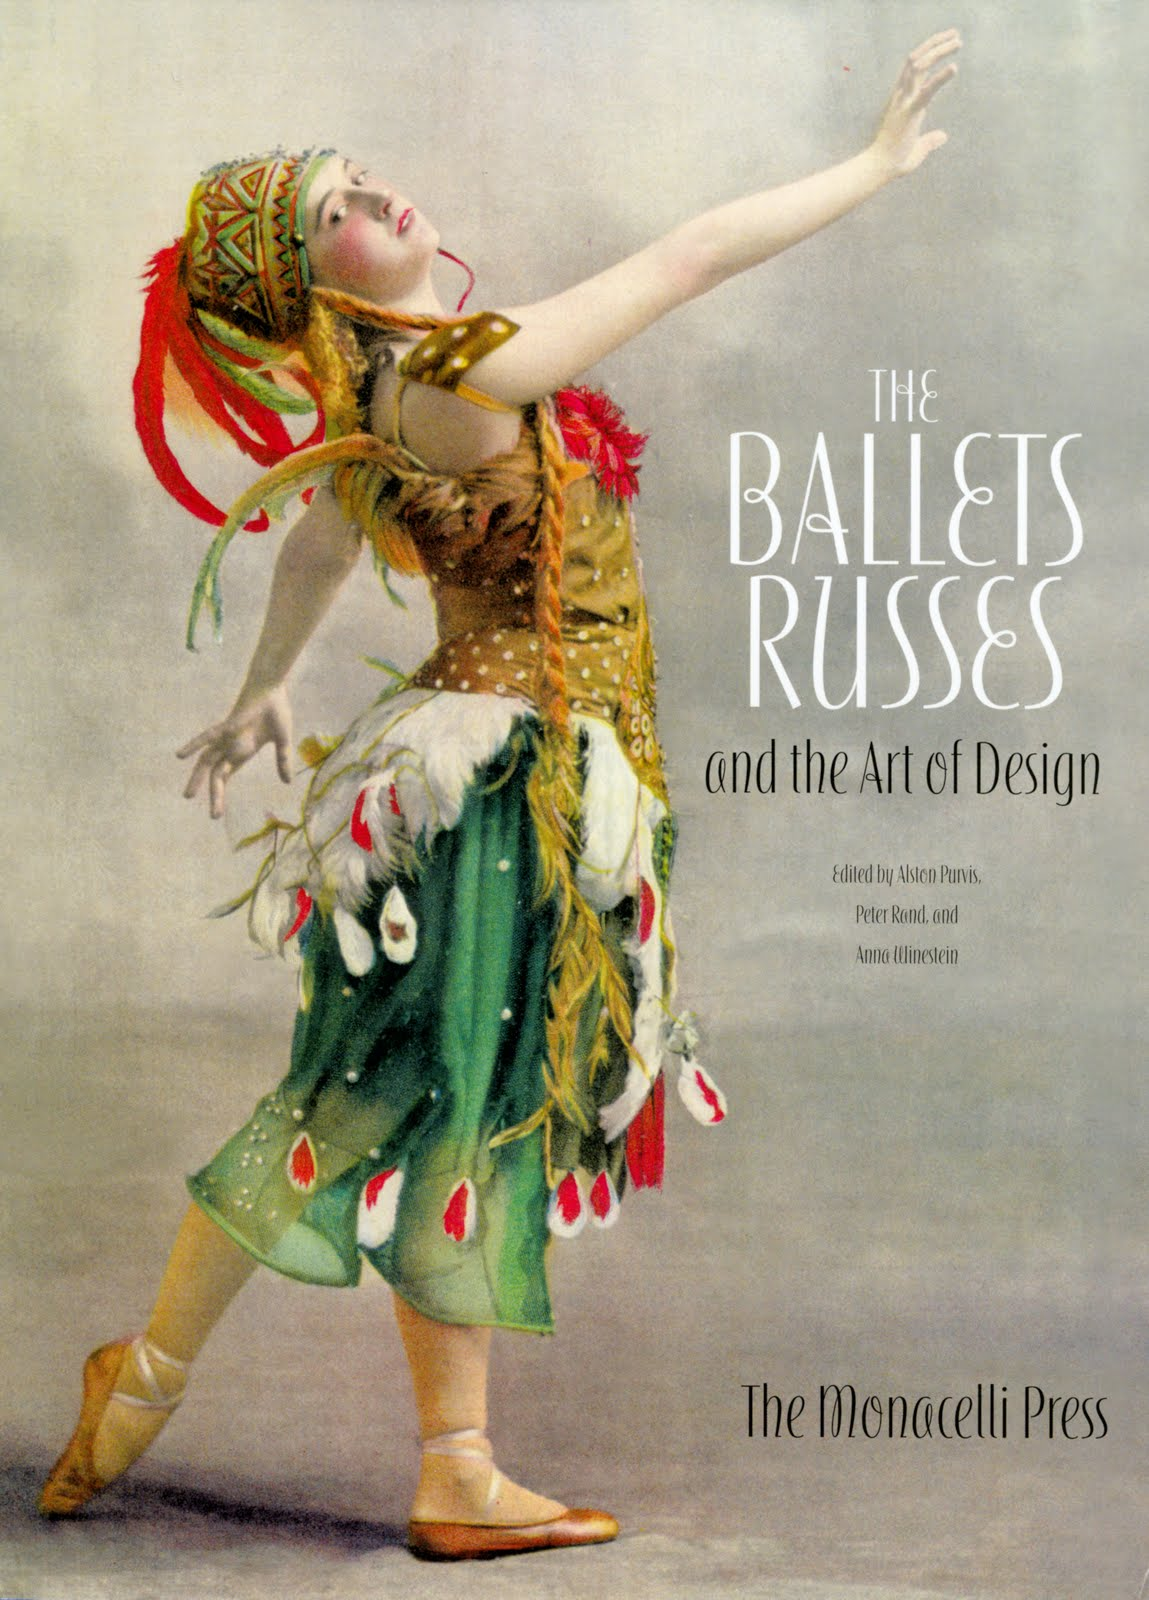 ballet russes Les ballets russes de nijinsky christiancomte  ballet, de la sueur et des  rt france 243,318 views 24:55 diaghilev and the ballets russes.